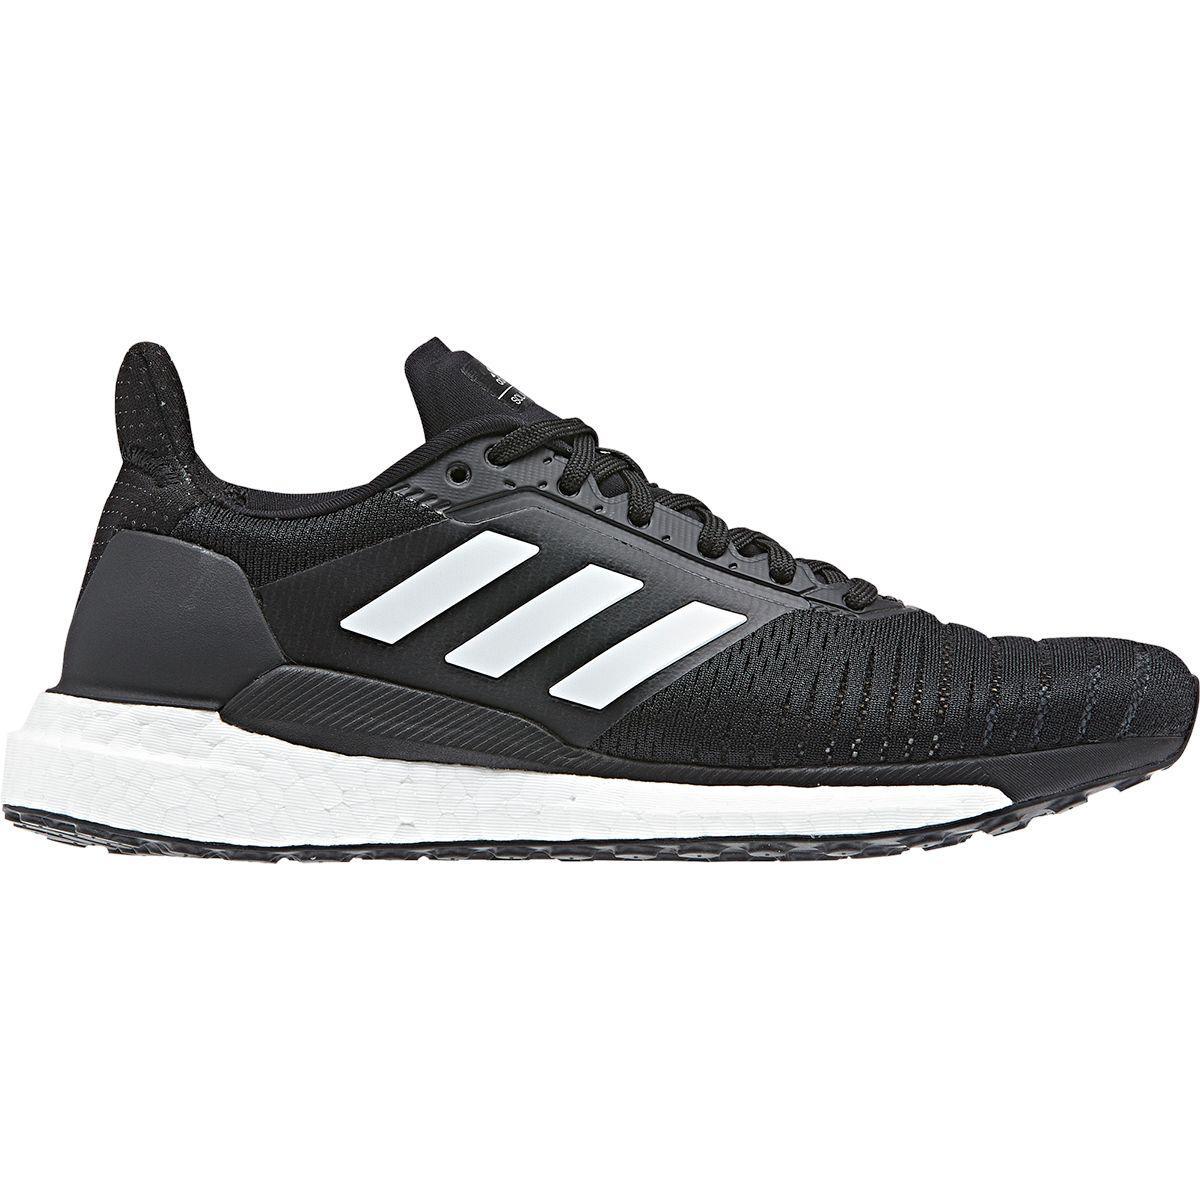 lyst adidas solare glide impulso scarpa da corsa in nero per gli uomini.